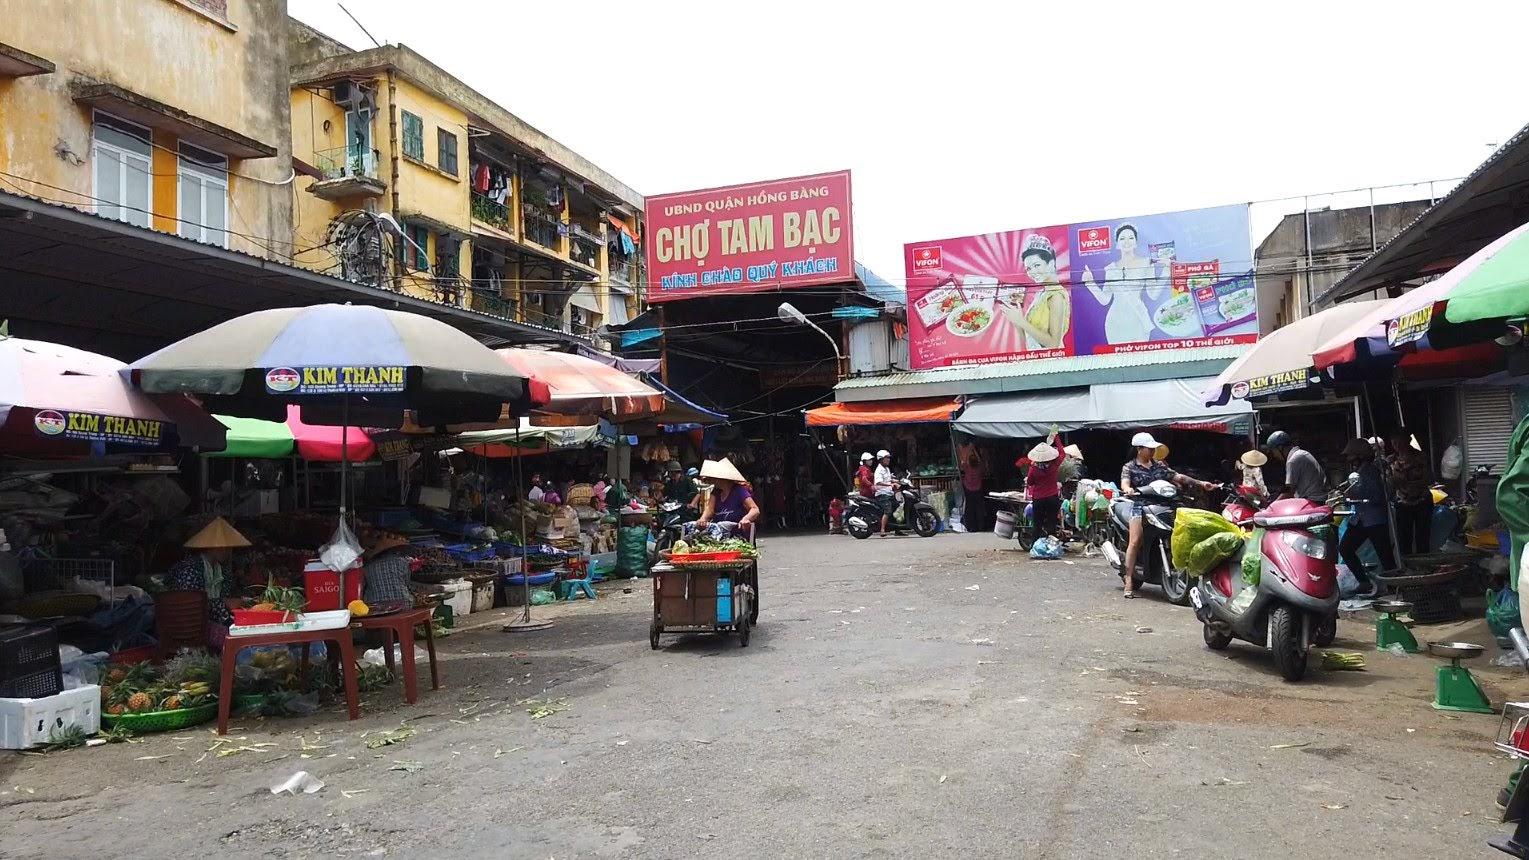 Bên trong chợ bán vải may mặc tại Hải Phòng